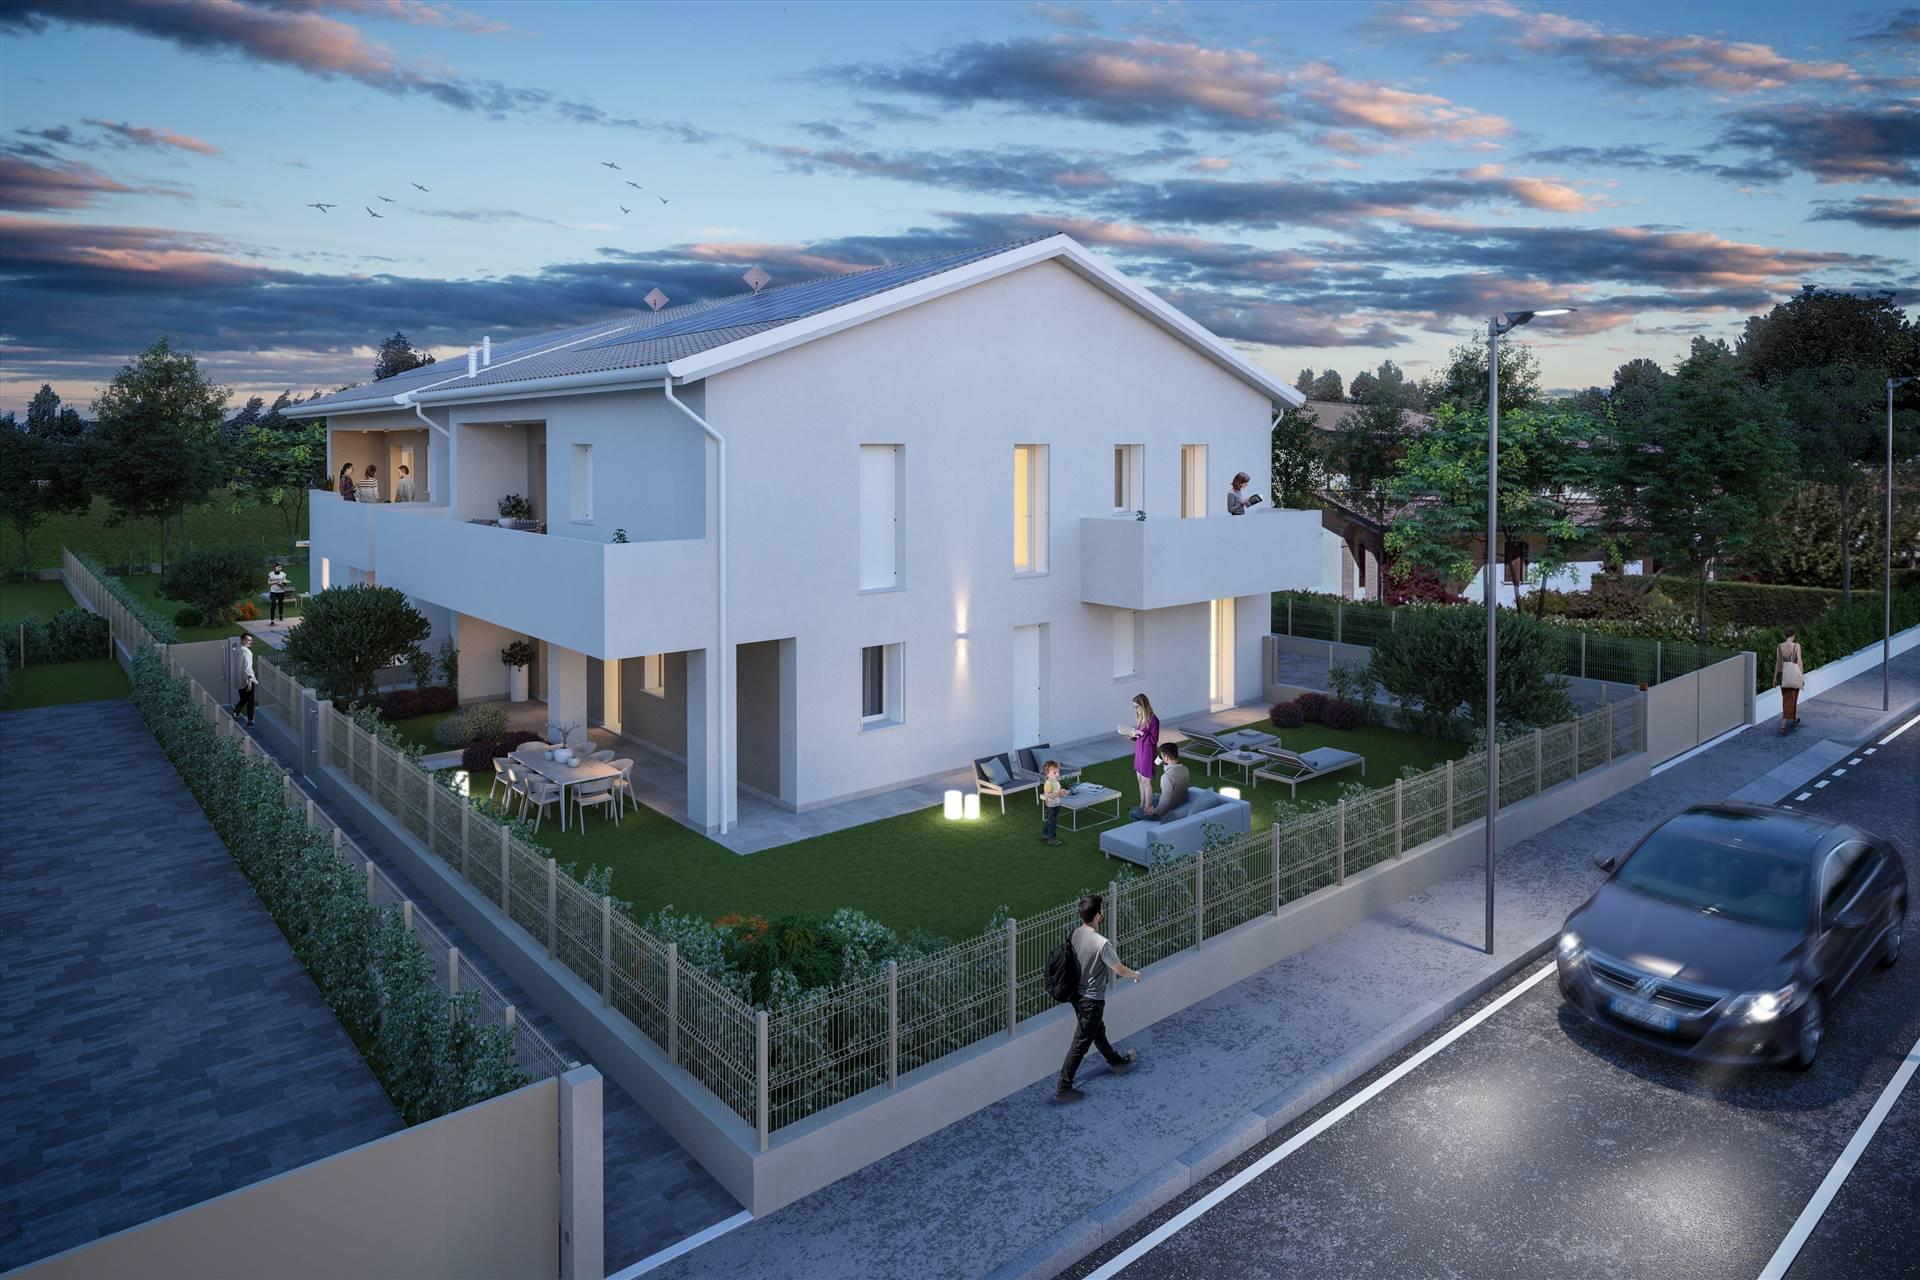 Appartamento in vendita a Martellago, 4 locali, zona ne, prezzo € 279.000 | PortaleAgenzieImmobiliari.it